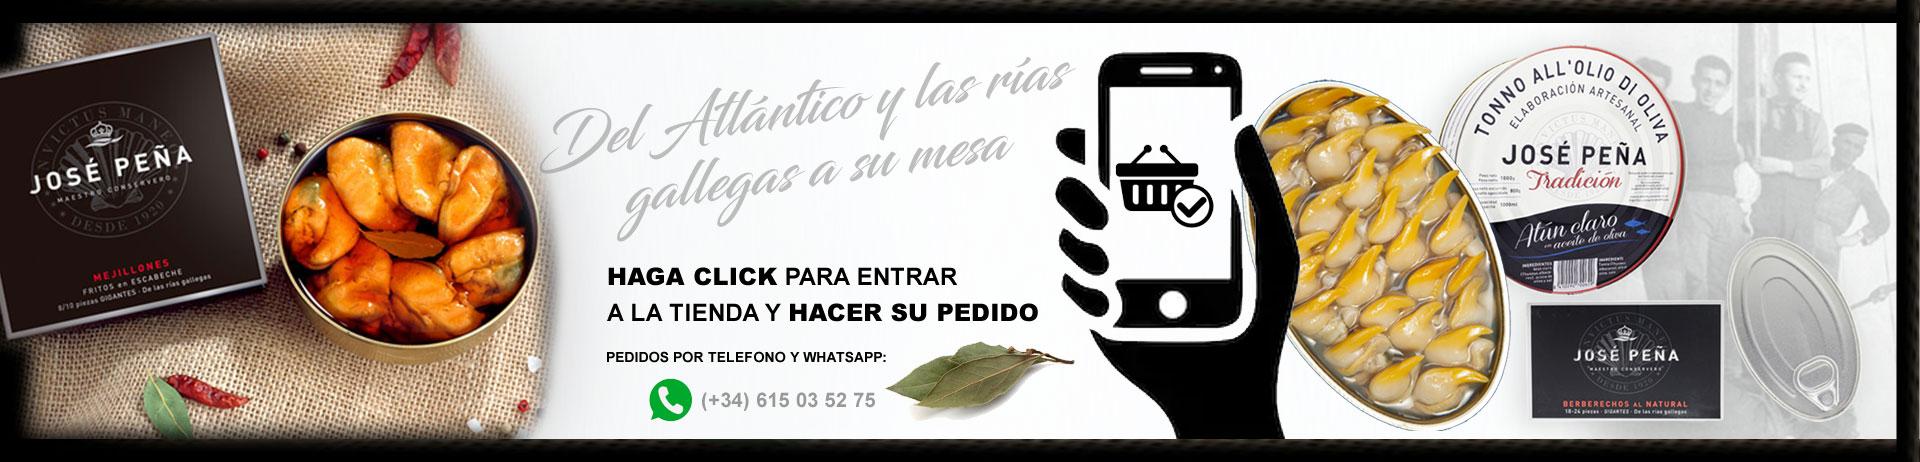 HAGA CLICK PARA ENTRAR A LA TIENDA Y HACER SU PEDIDO ONLINE